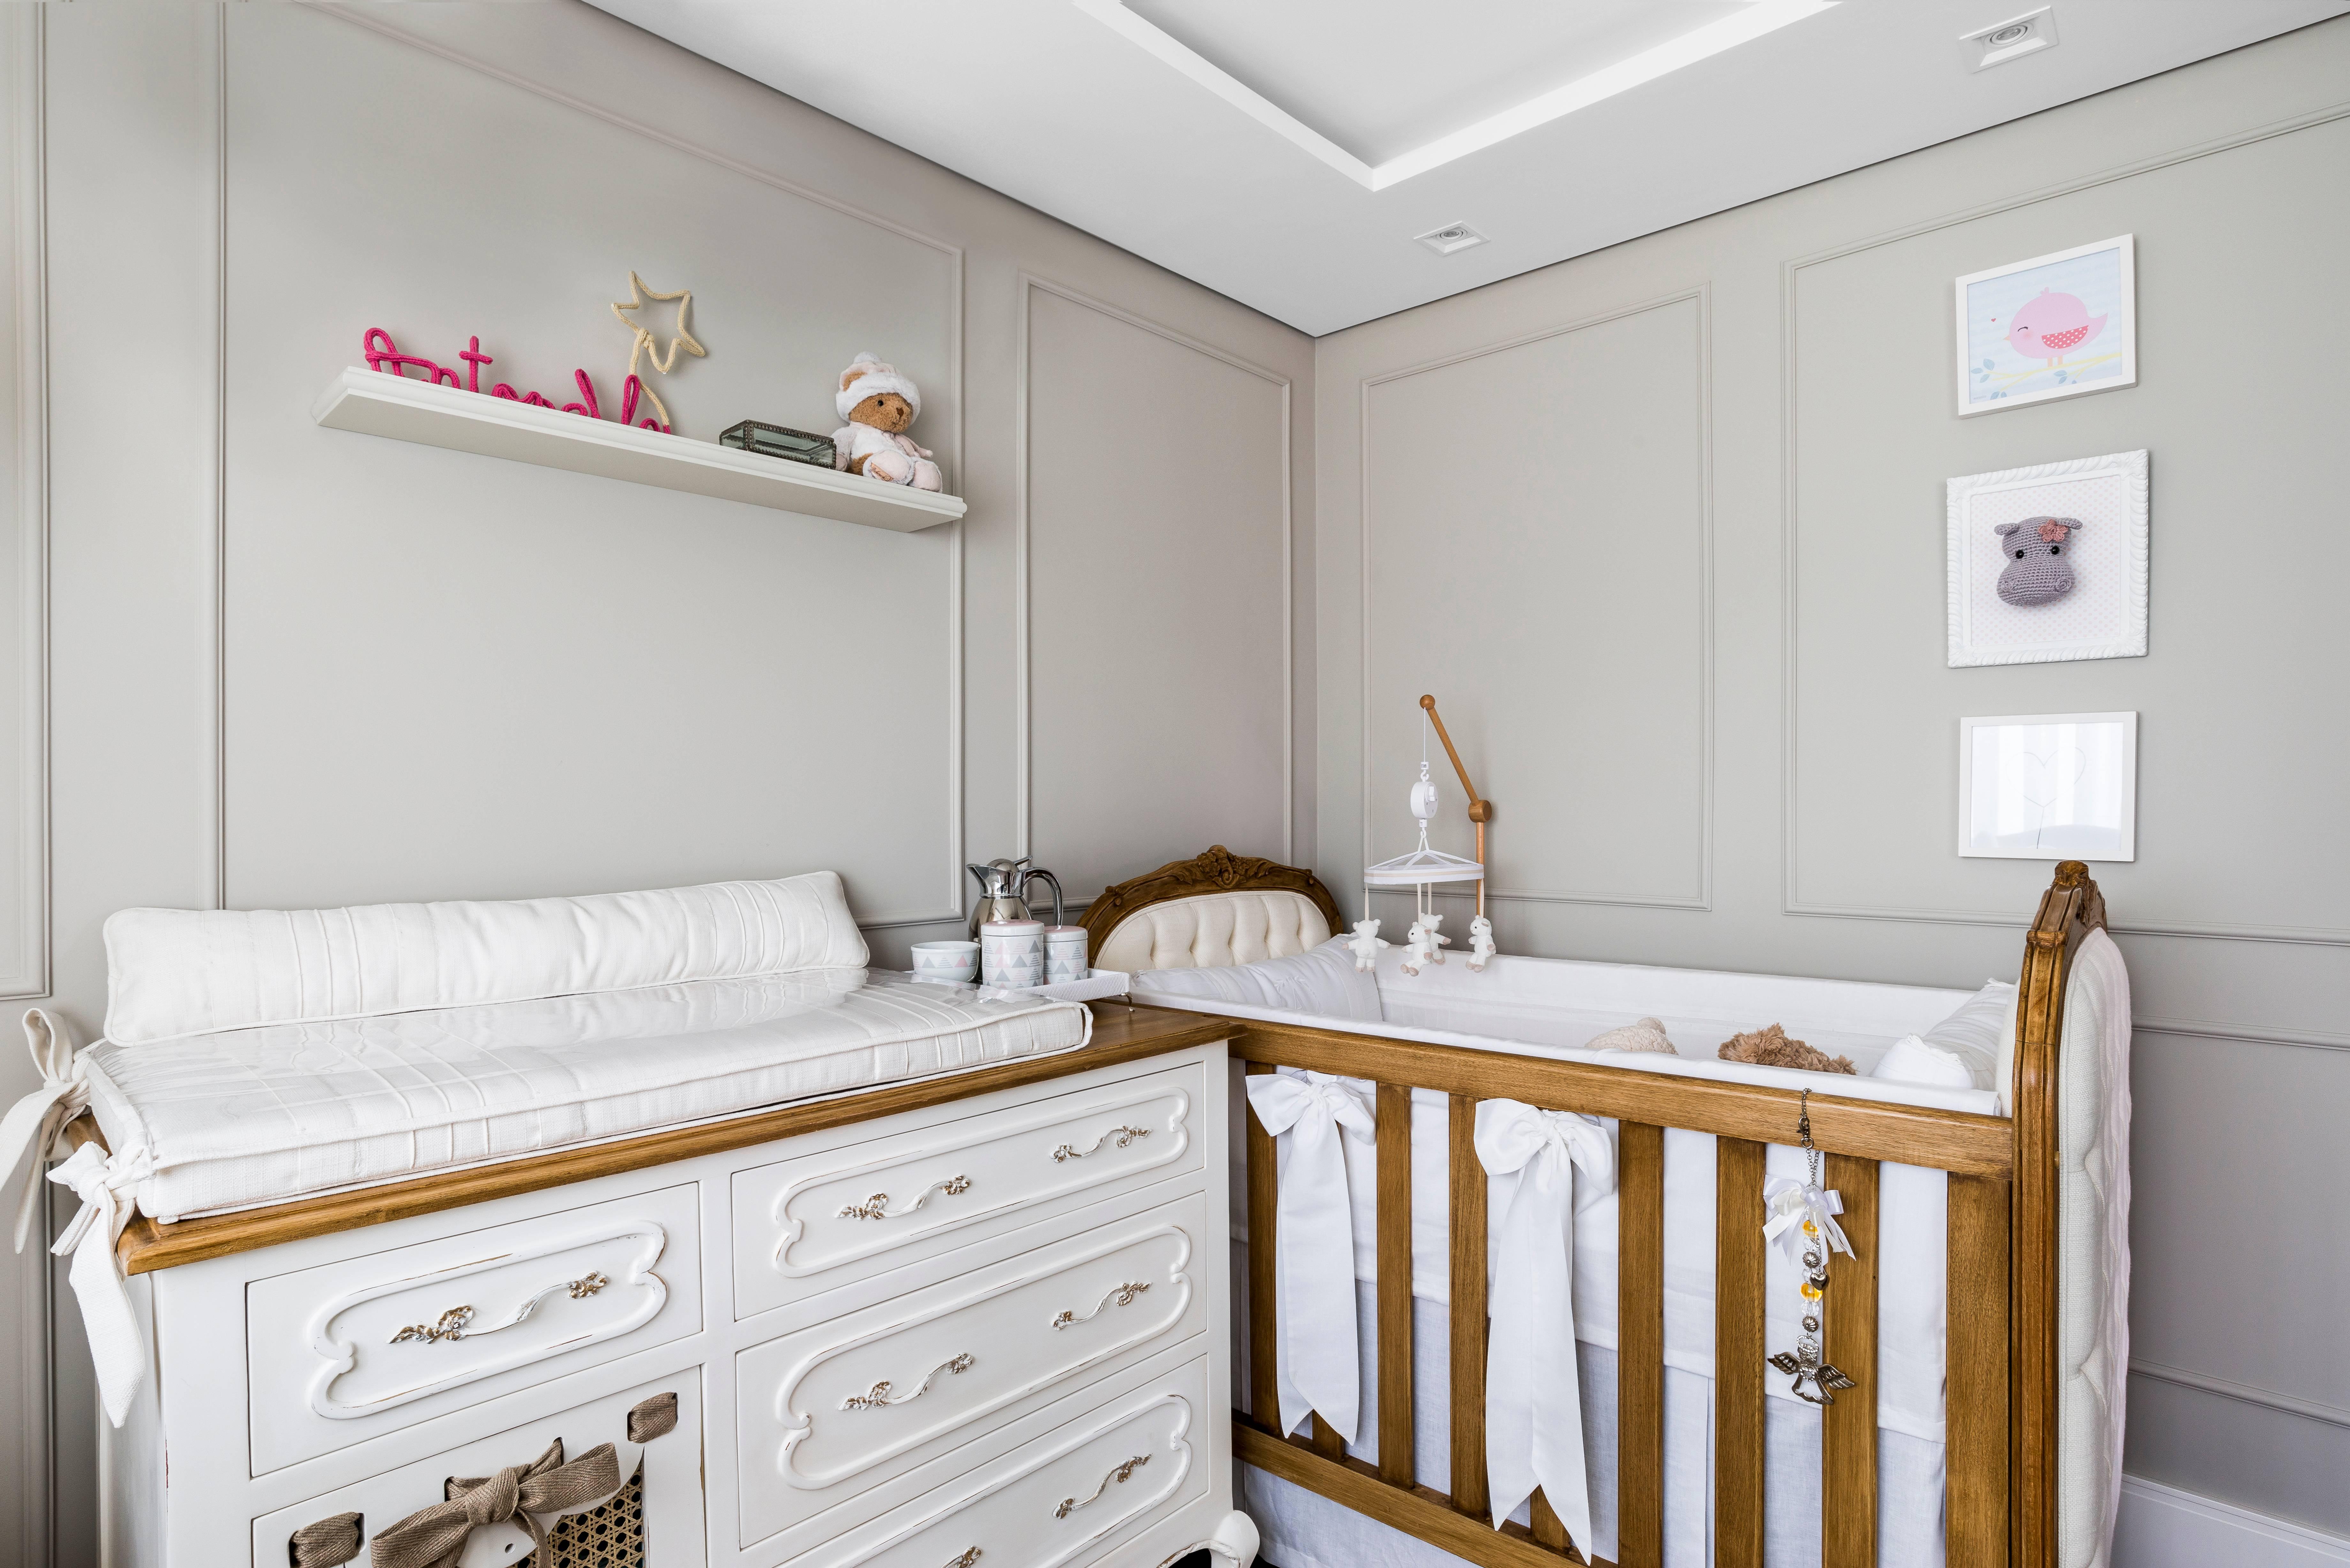 Inspirado no estilo clássico francês, o projeto da arquiteta Larissa Lóh tem como destaque o mobiliário feito artesanalmente em madeira natural. Foto: Daniel Katz